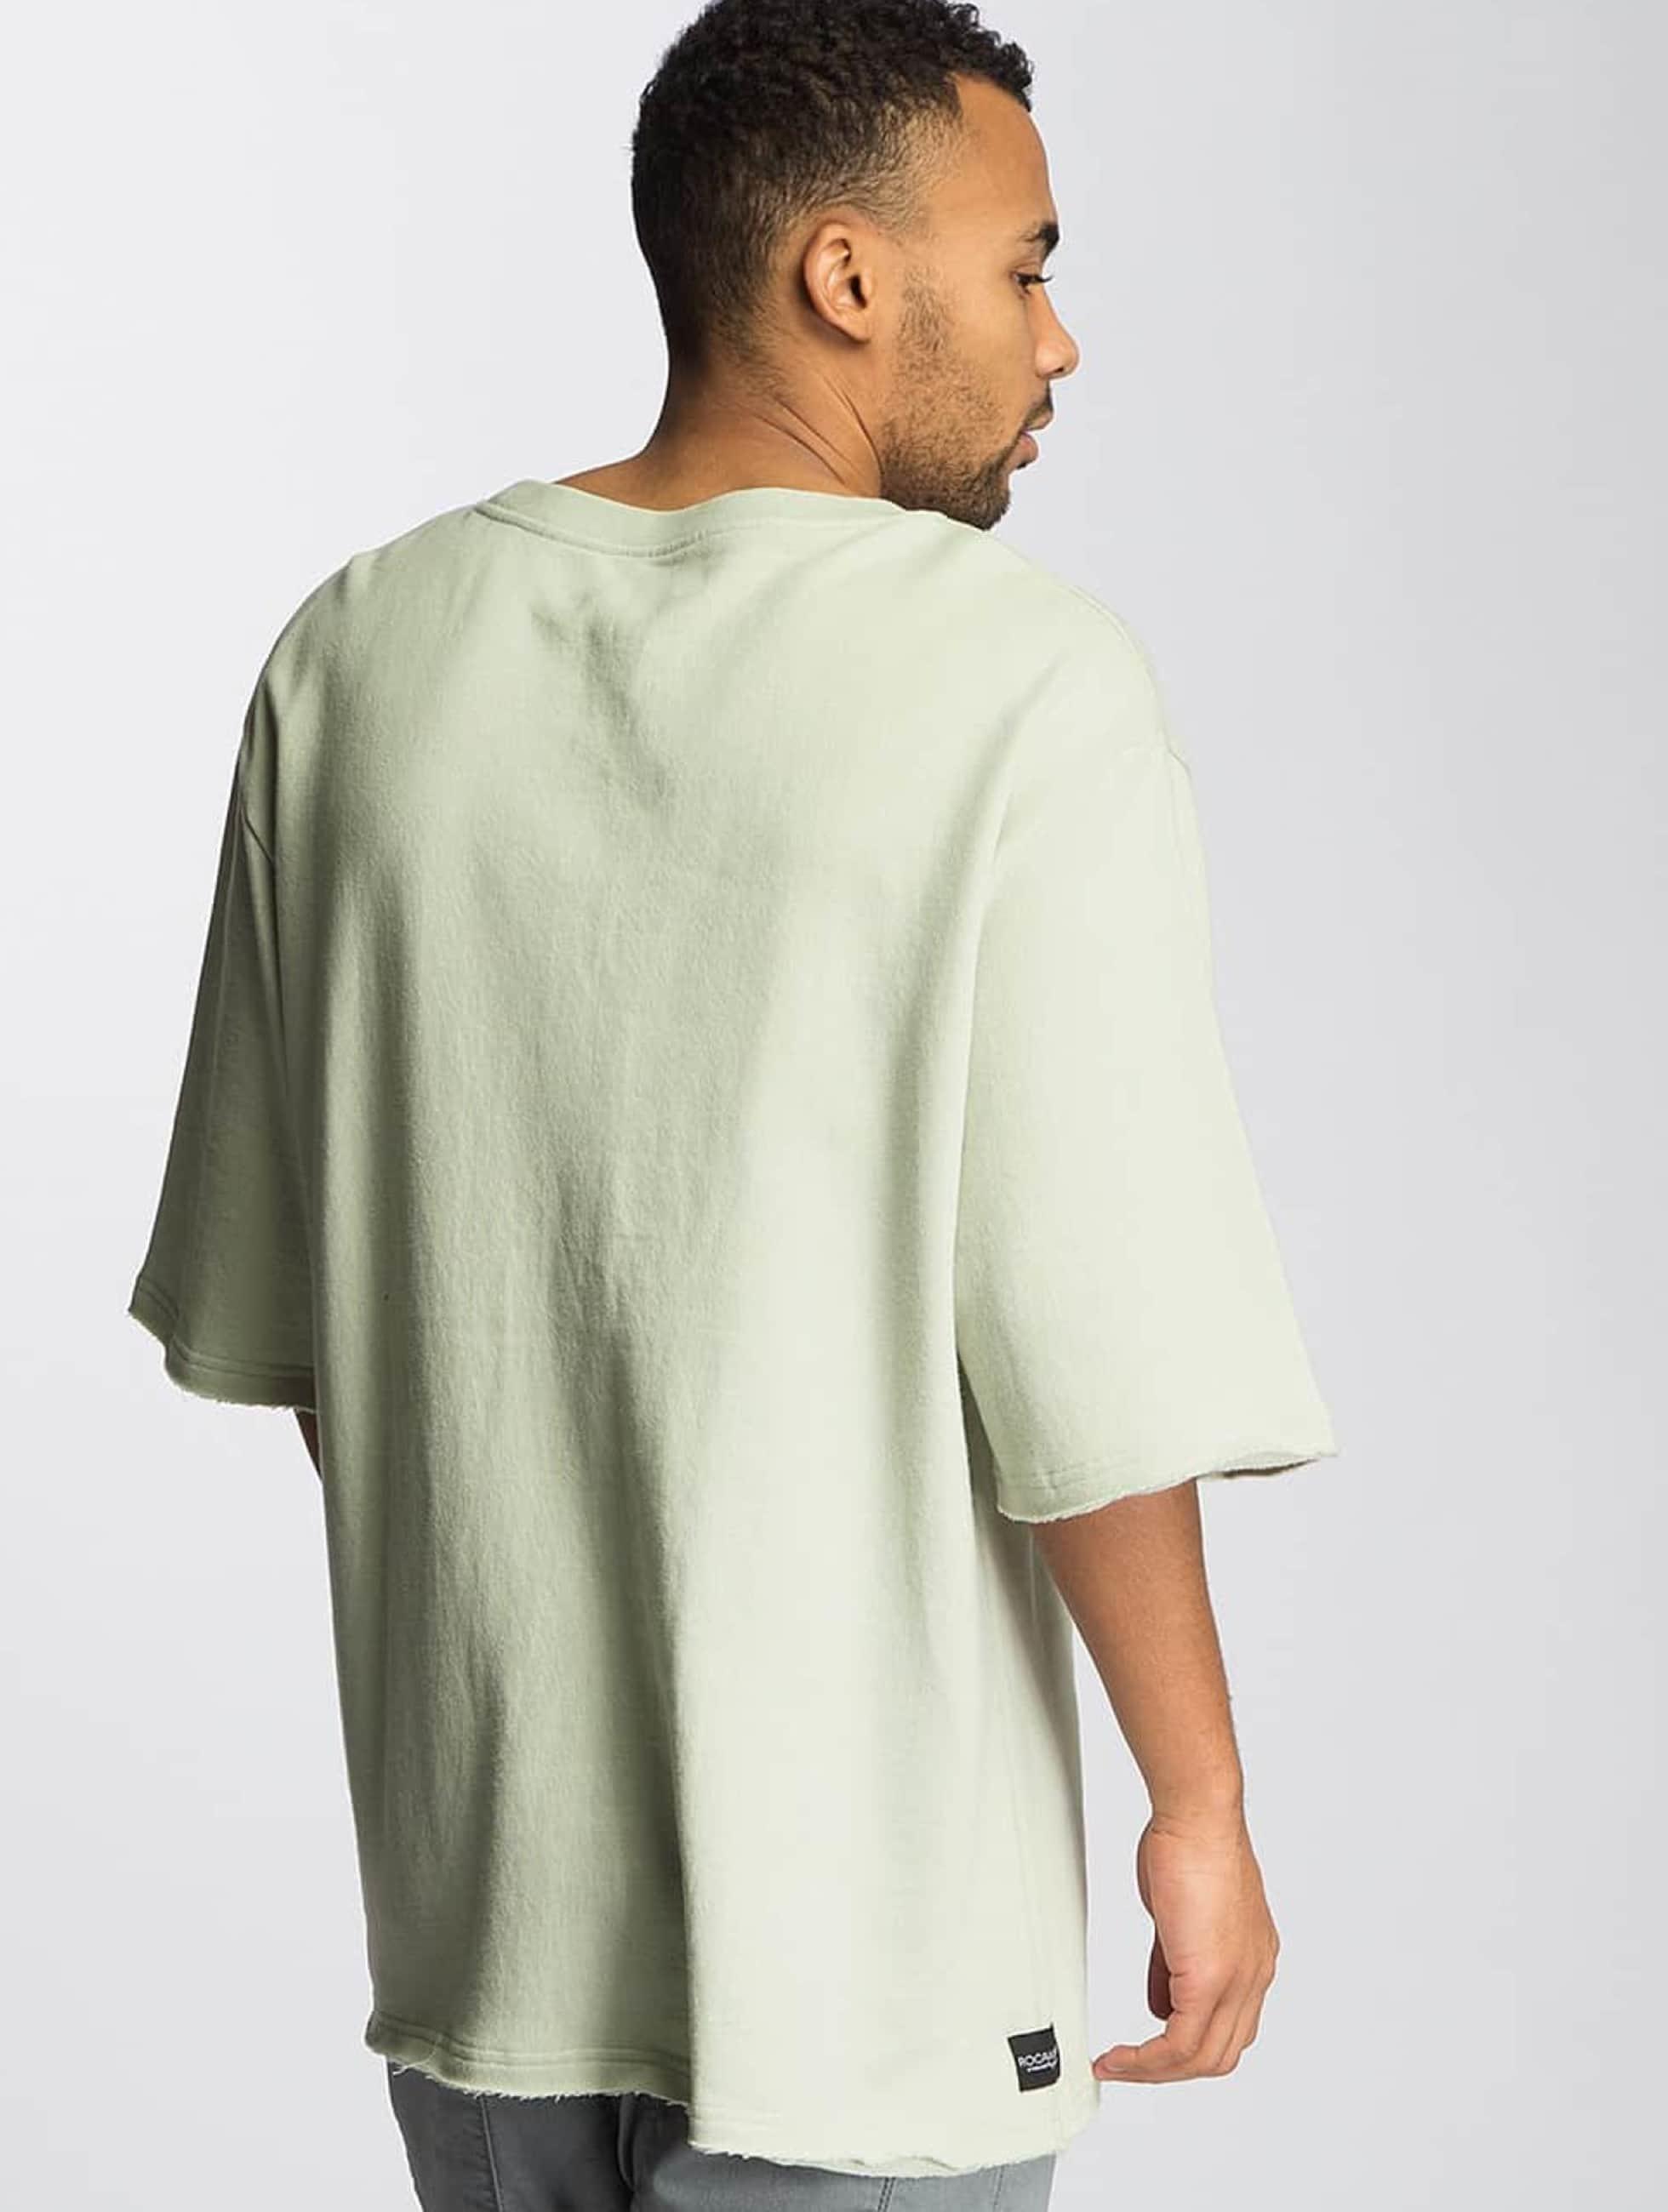 Rocawear Jumper Oversized olive